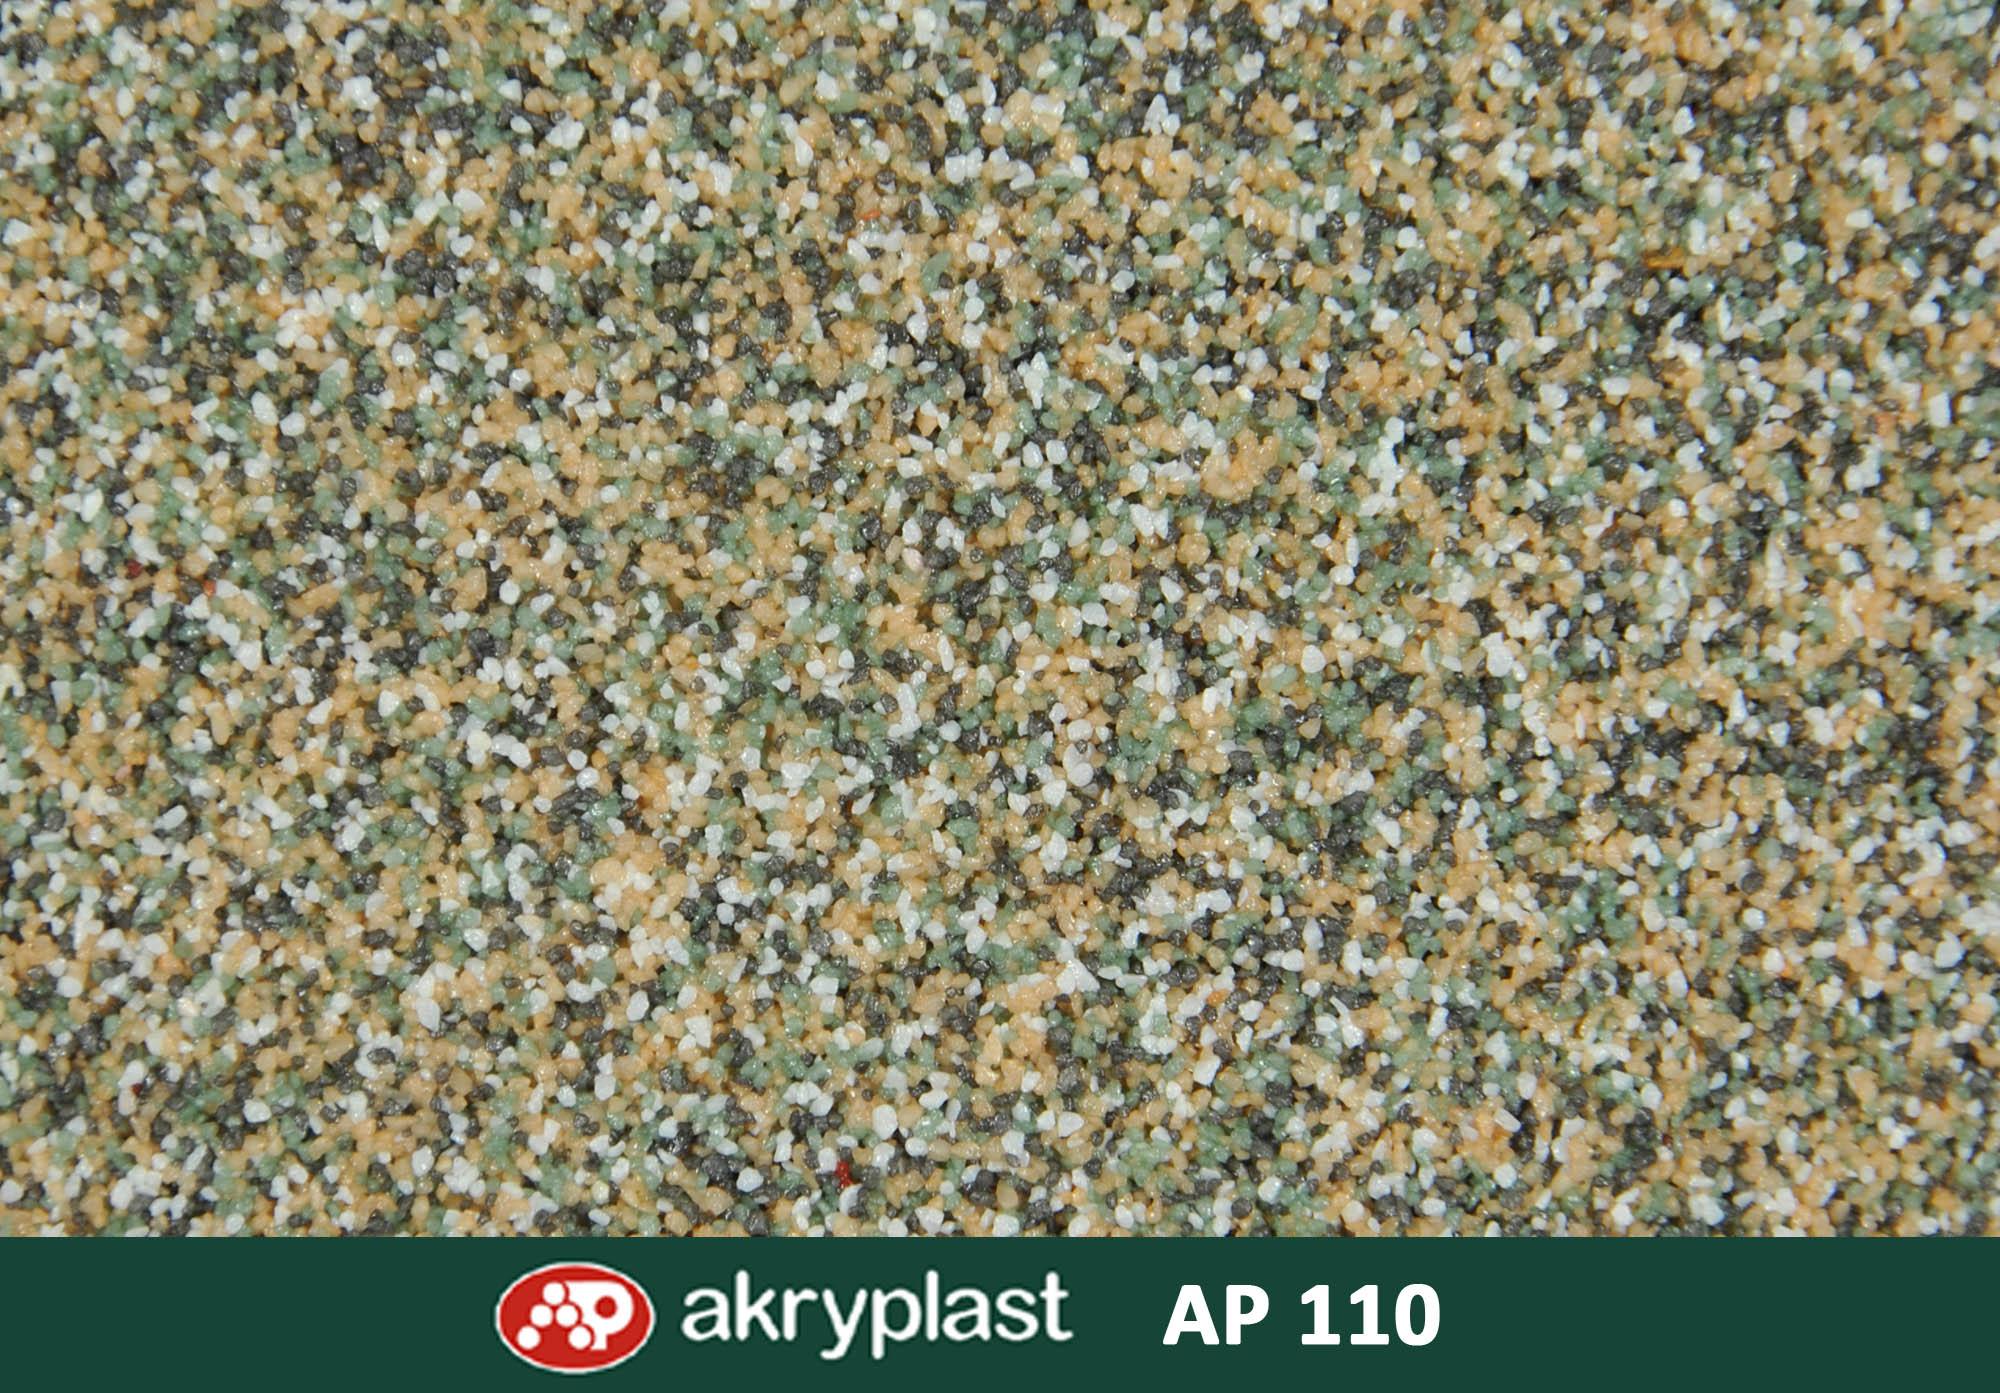 Tynk Mozaikowy Ap 110 Akryplast Producent Tynkow Mozaikowych